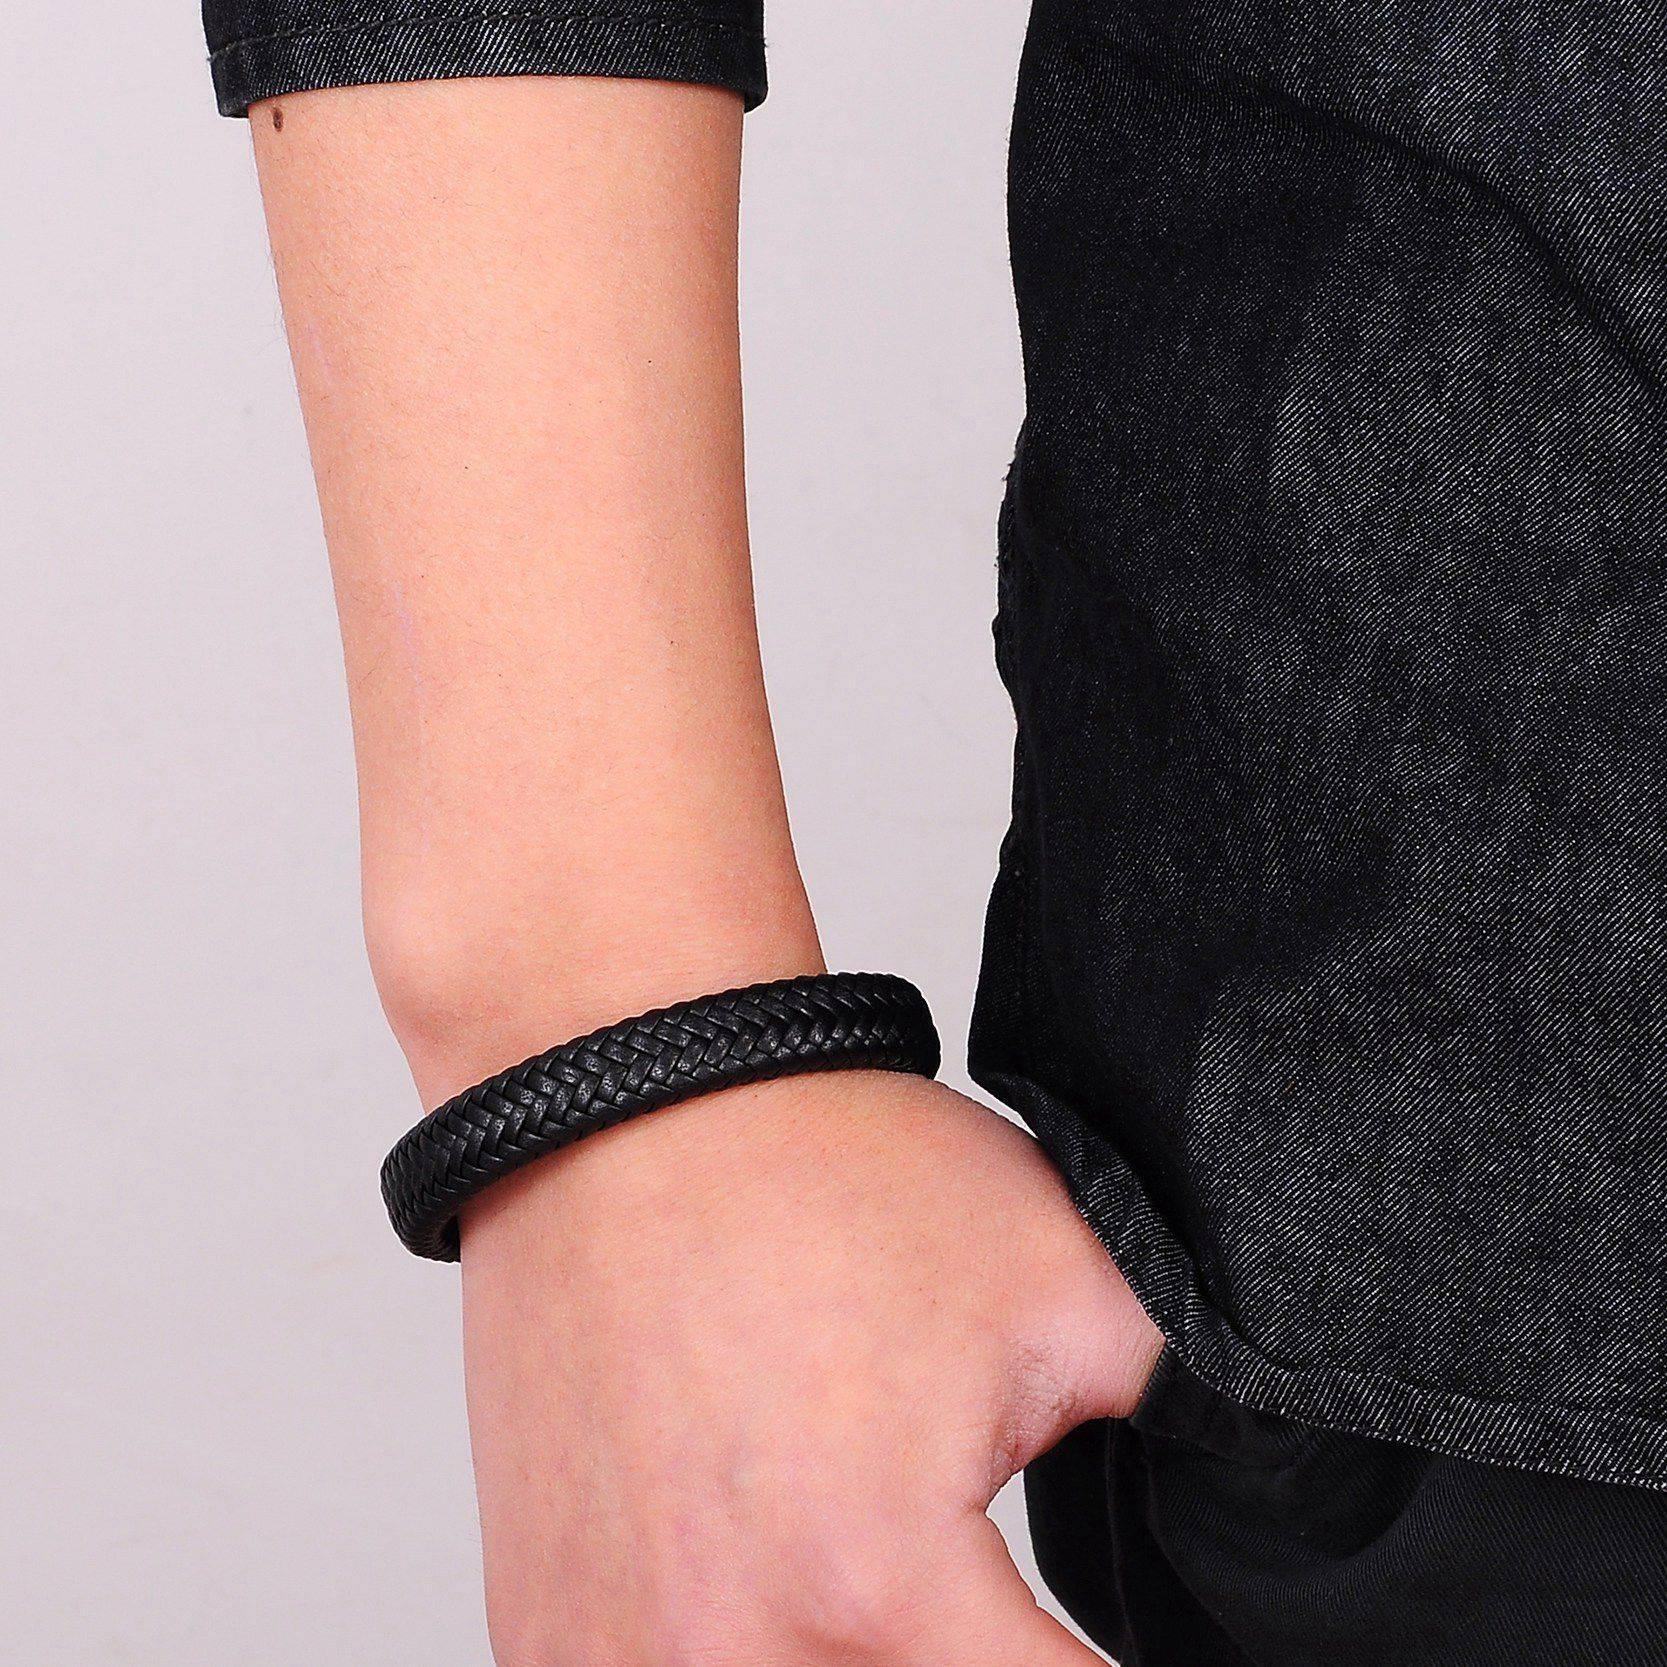 Men's Simple Leather Bracelet Bracelets Men Jewelry Type : 1 2 3 4 5 6 7 8 9 10 11 12 13 14 15 16